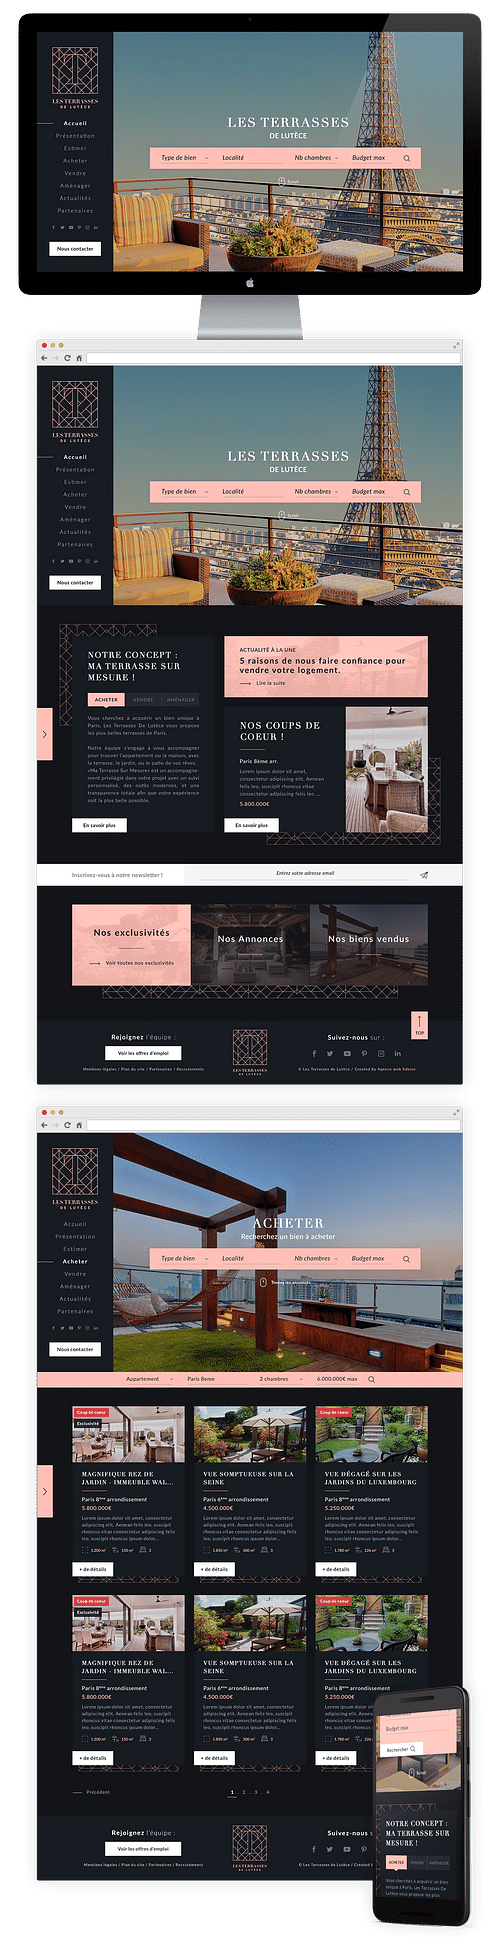 Création site immobilier - Les Terrasses de Lutèce - E-commerce